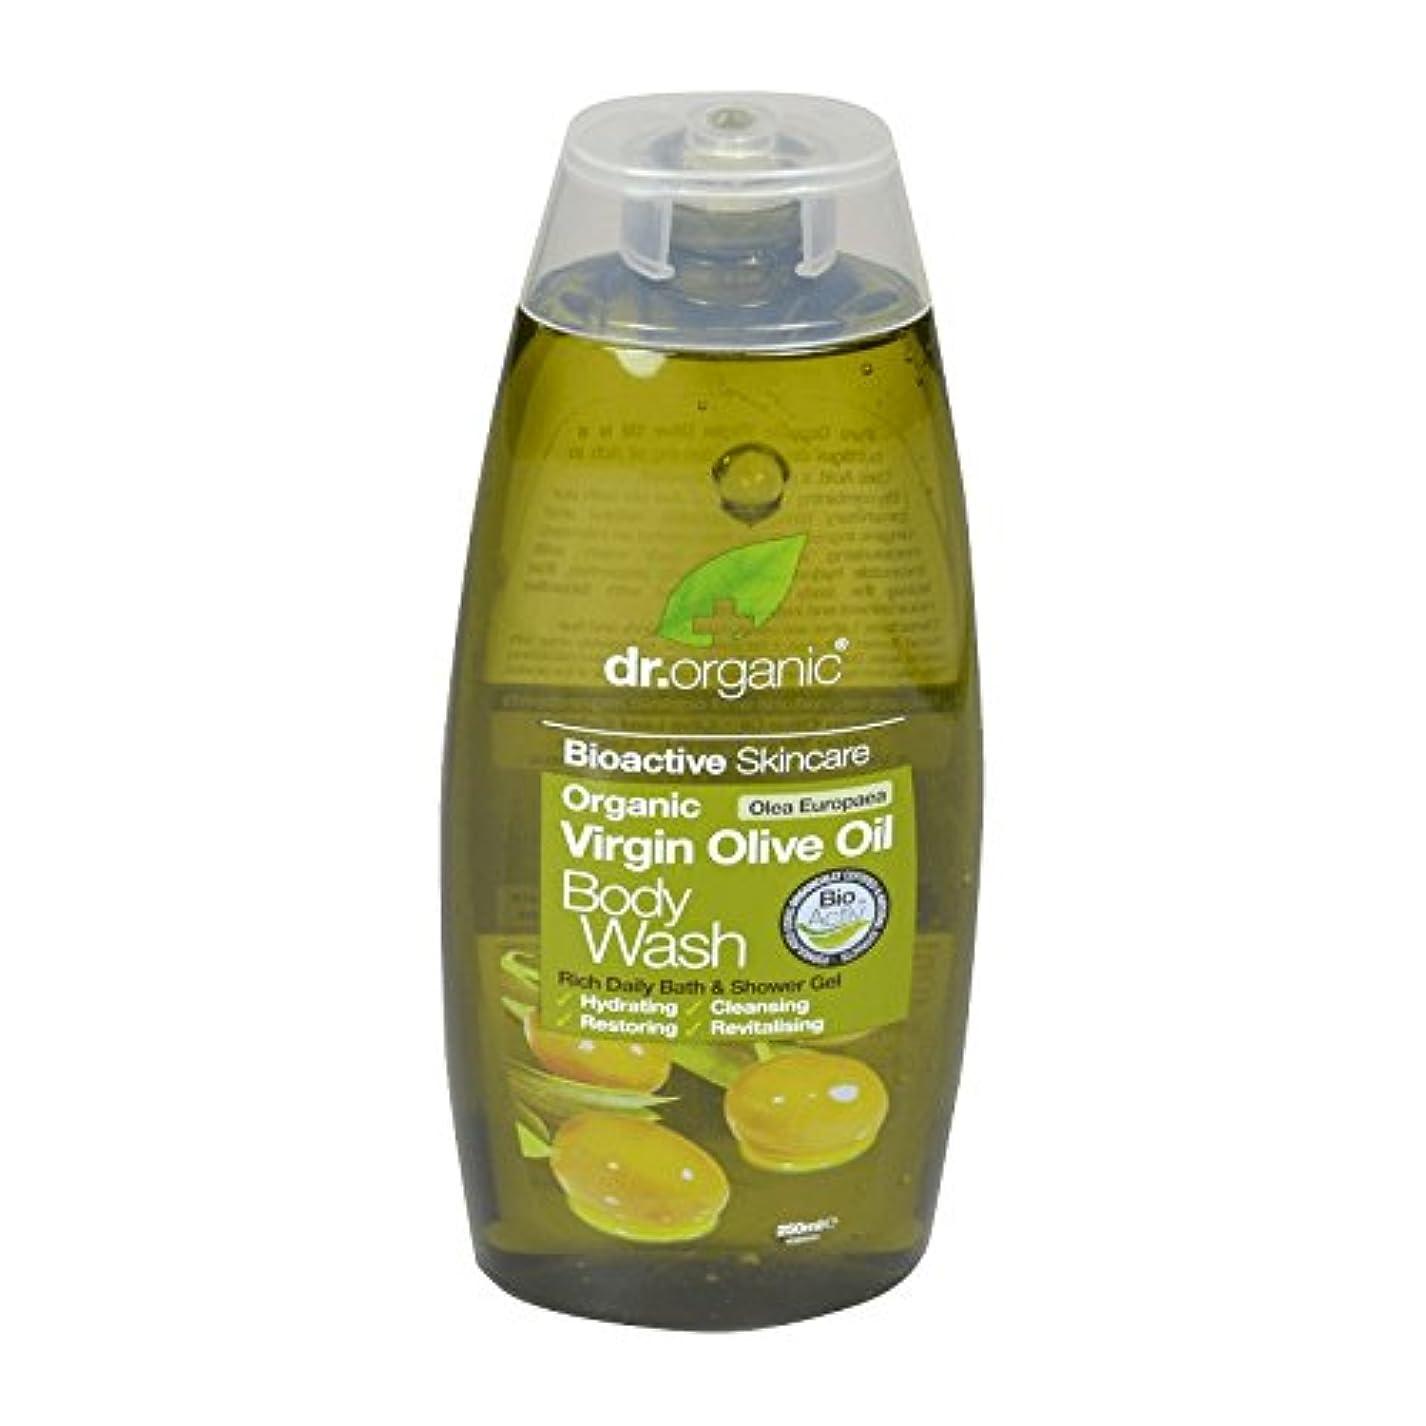 経営者聴覚失Dr Organic Virgin Olive Oil Body Wash (Pack of 2) - Dr有機バージンオリーブオイルボディウォッシュ (x2) [並行輸入品]